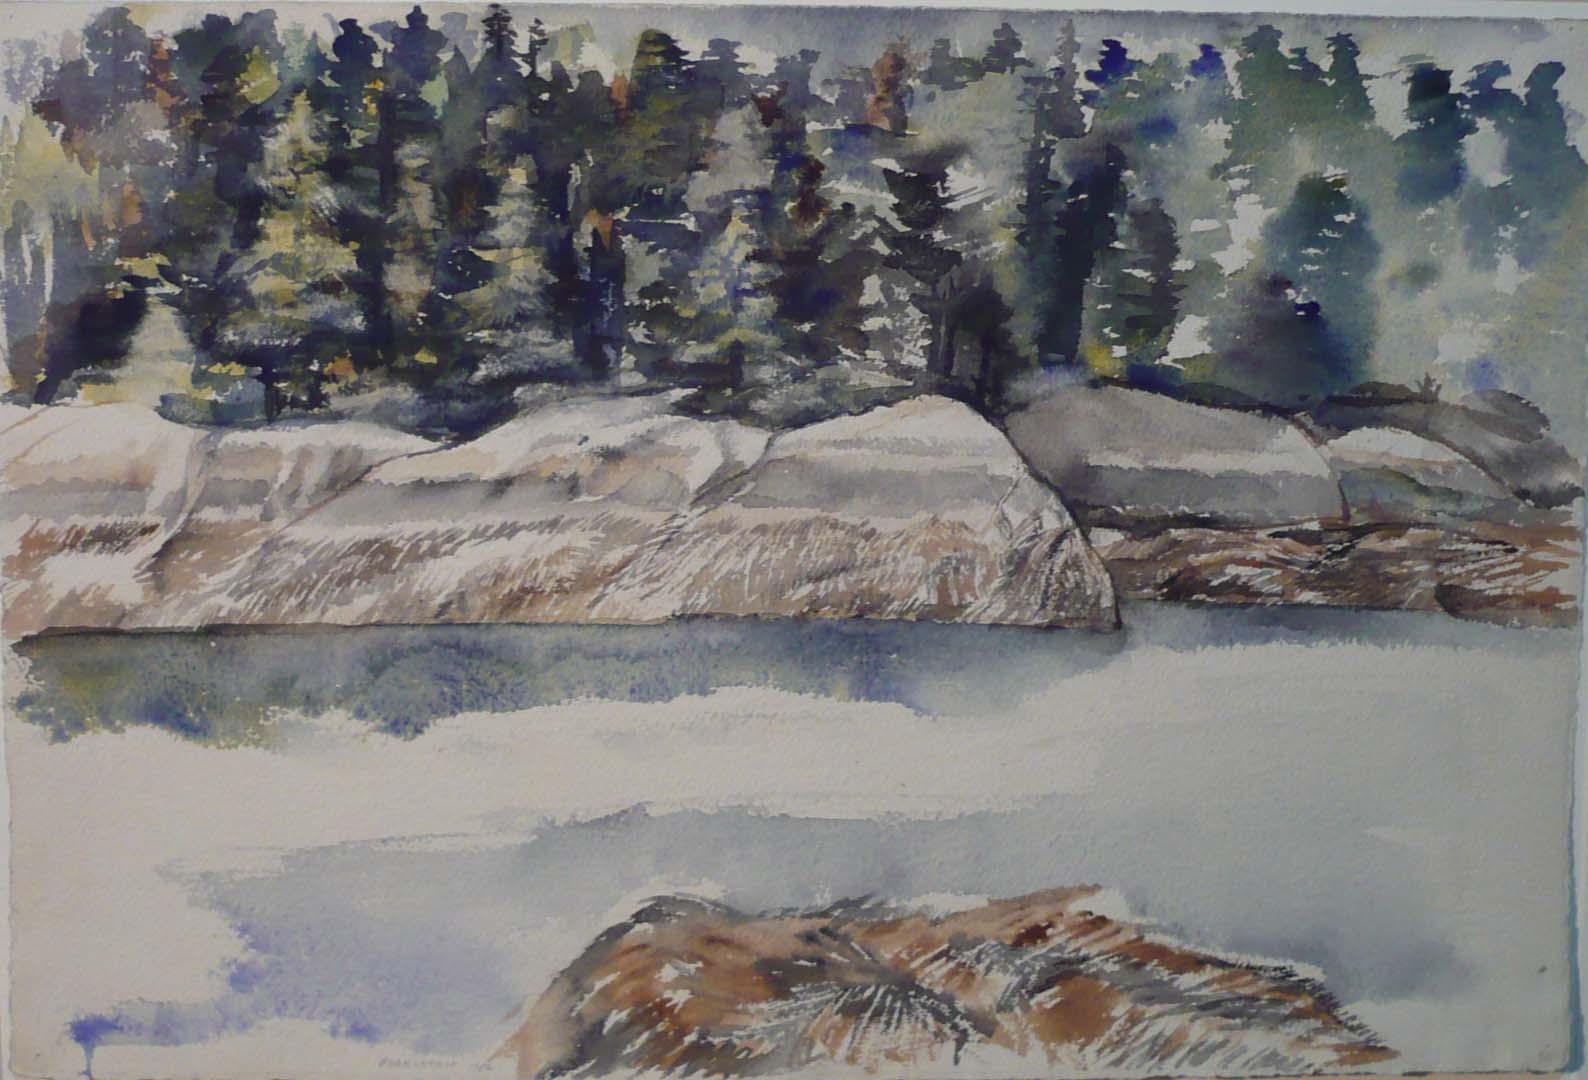 1956 Deer Isle #5 Watercolor on Paper 14.75 x 22